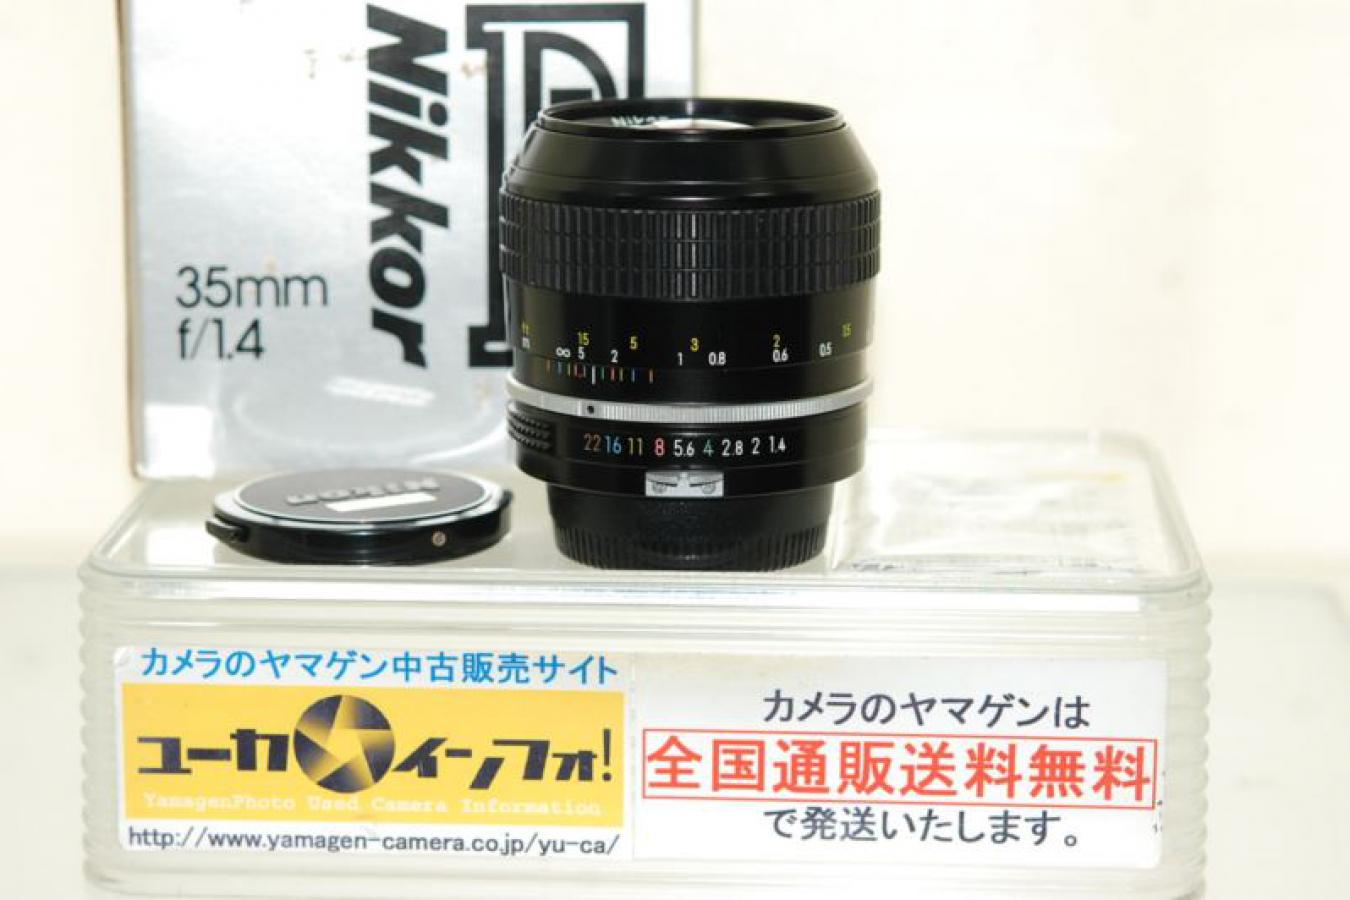 【コレクション向け】 ニコン NEW NIKKOR 35mm F1.4 【整備済 取説、元箱付】